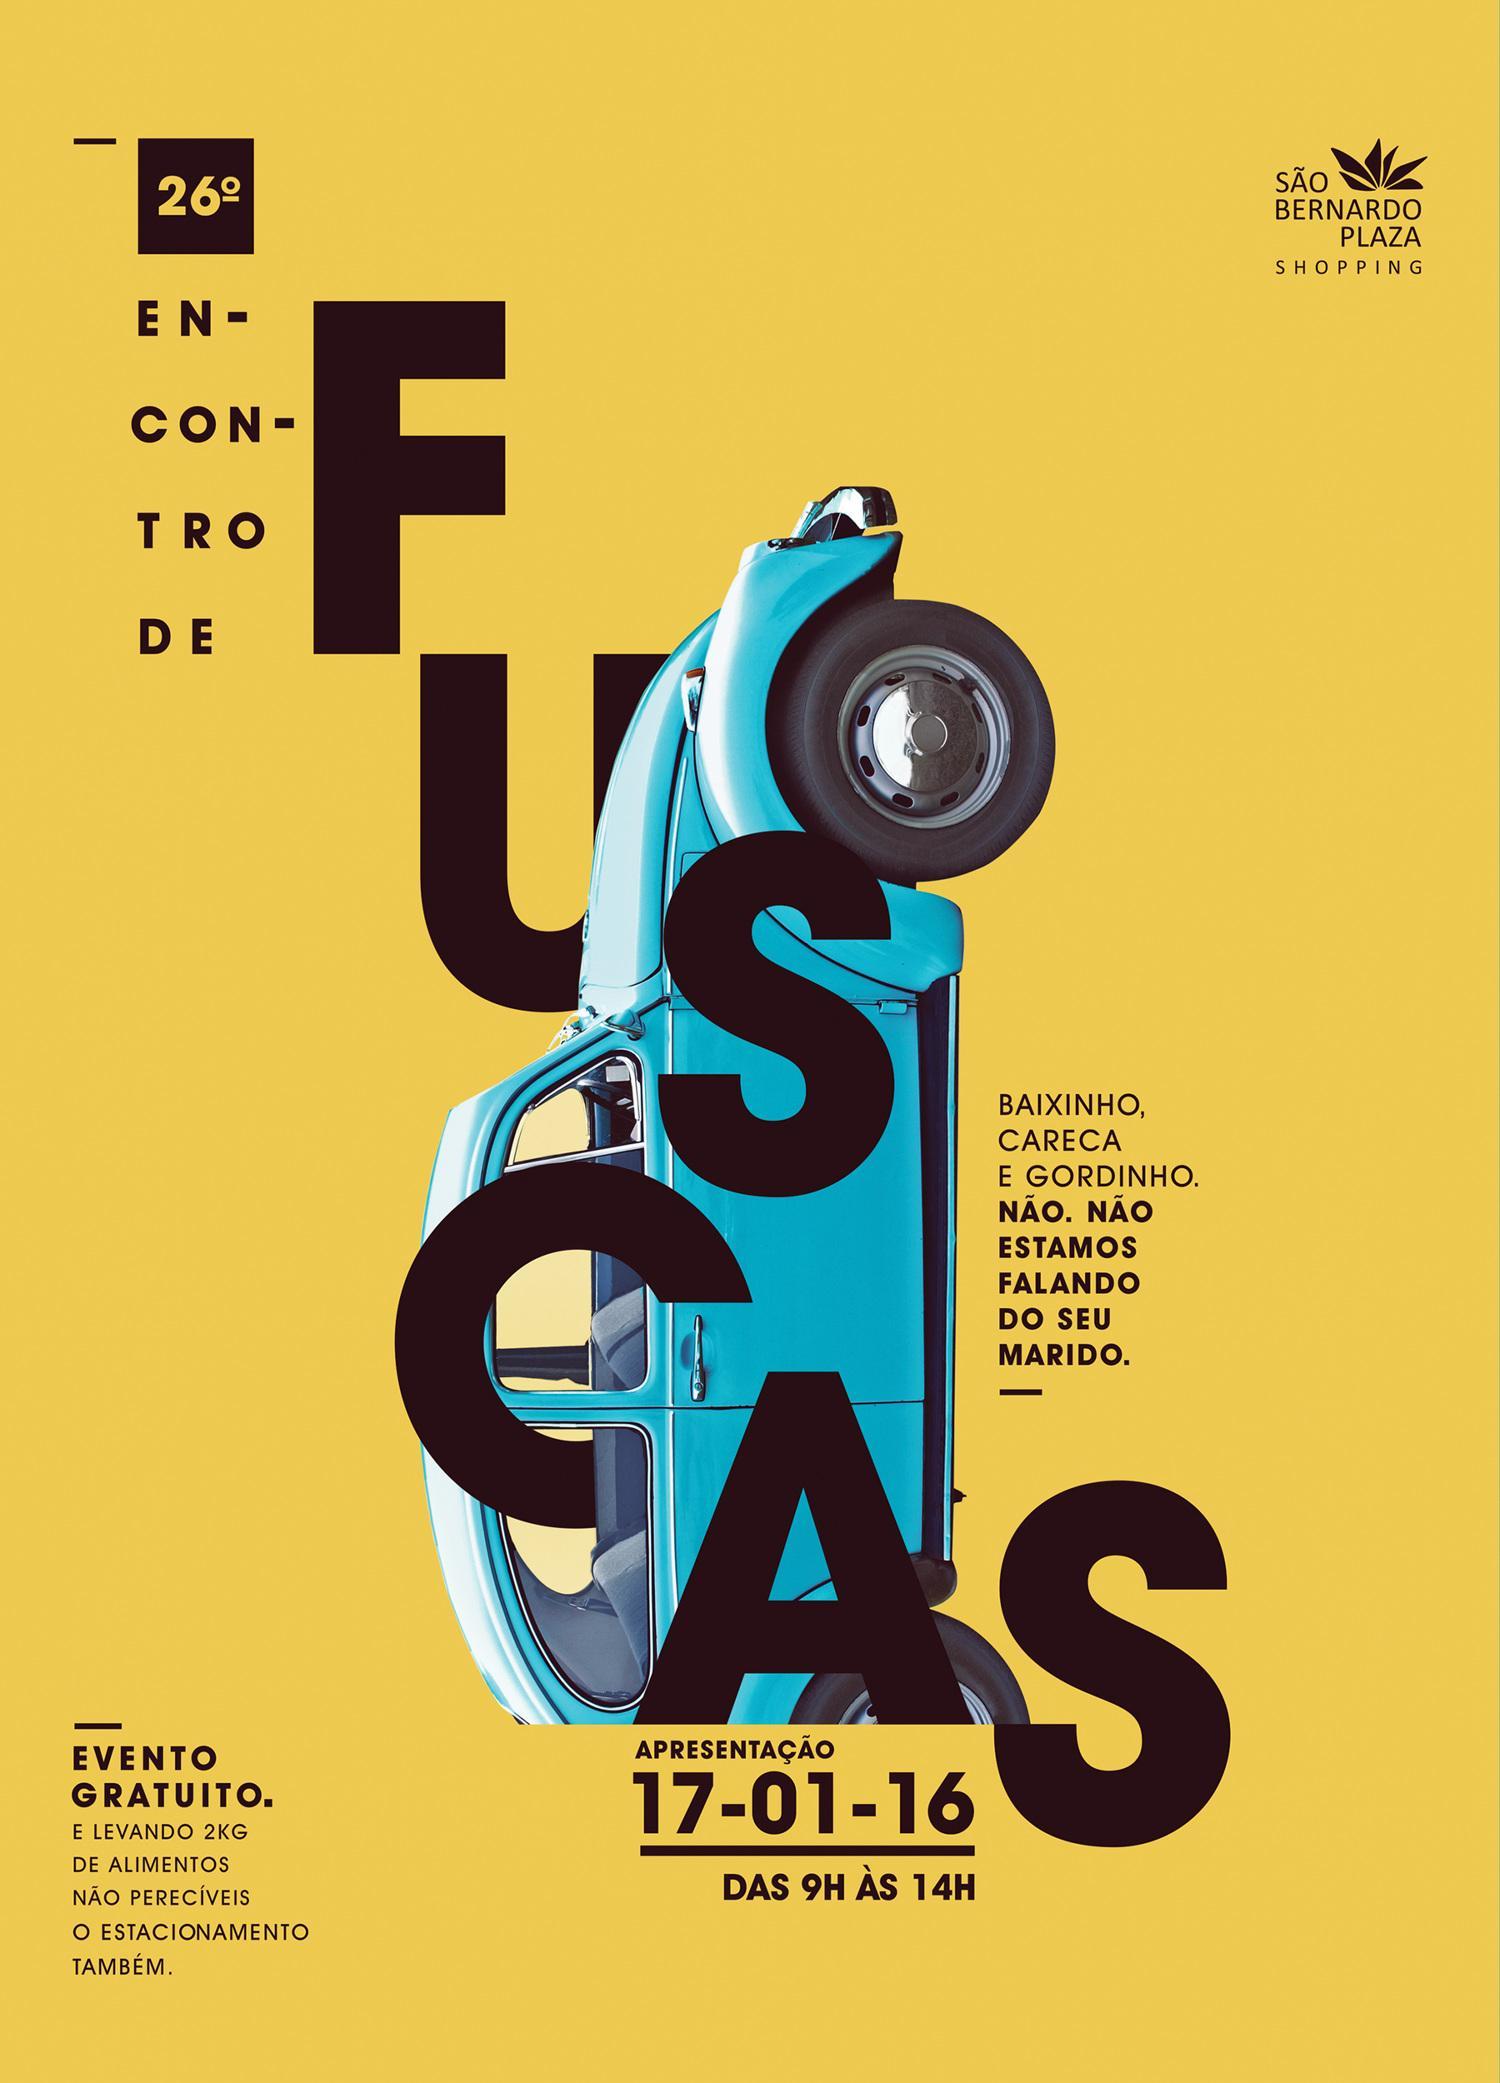 Sao Bernardo Plaza Print Ad - Beetle yellow